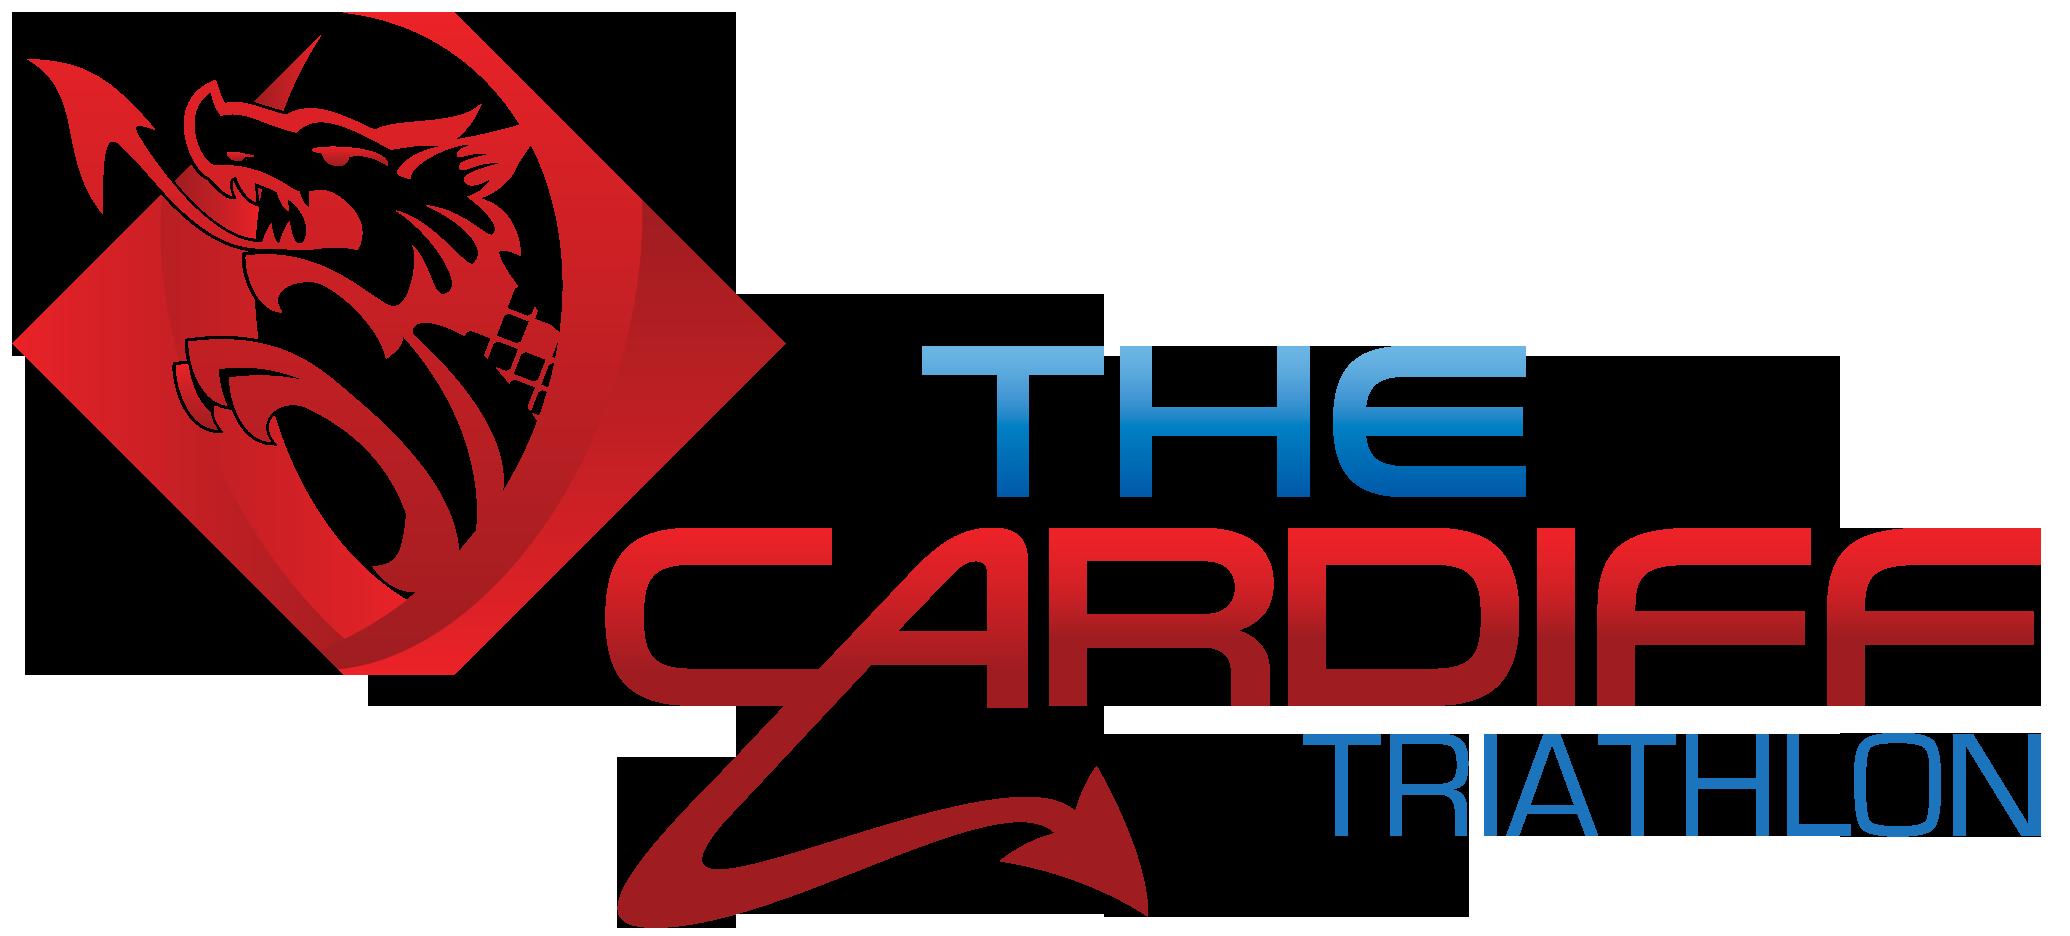 The Cardiff Triathlon